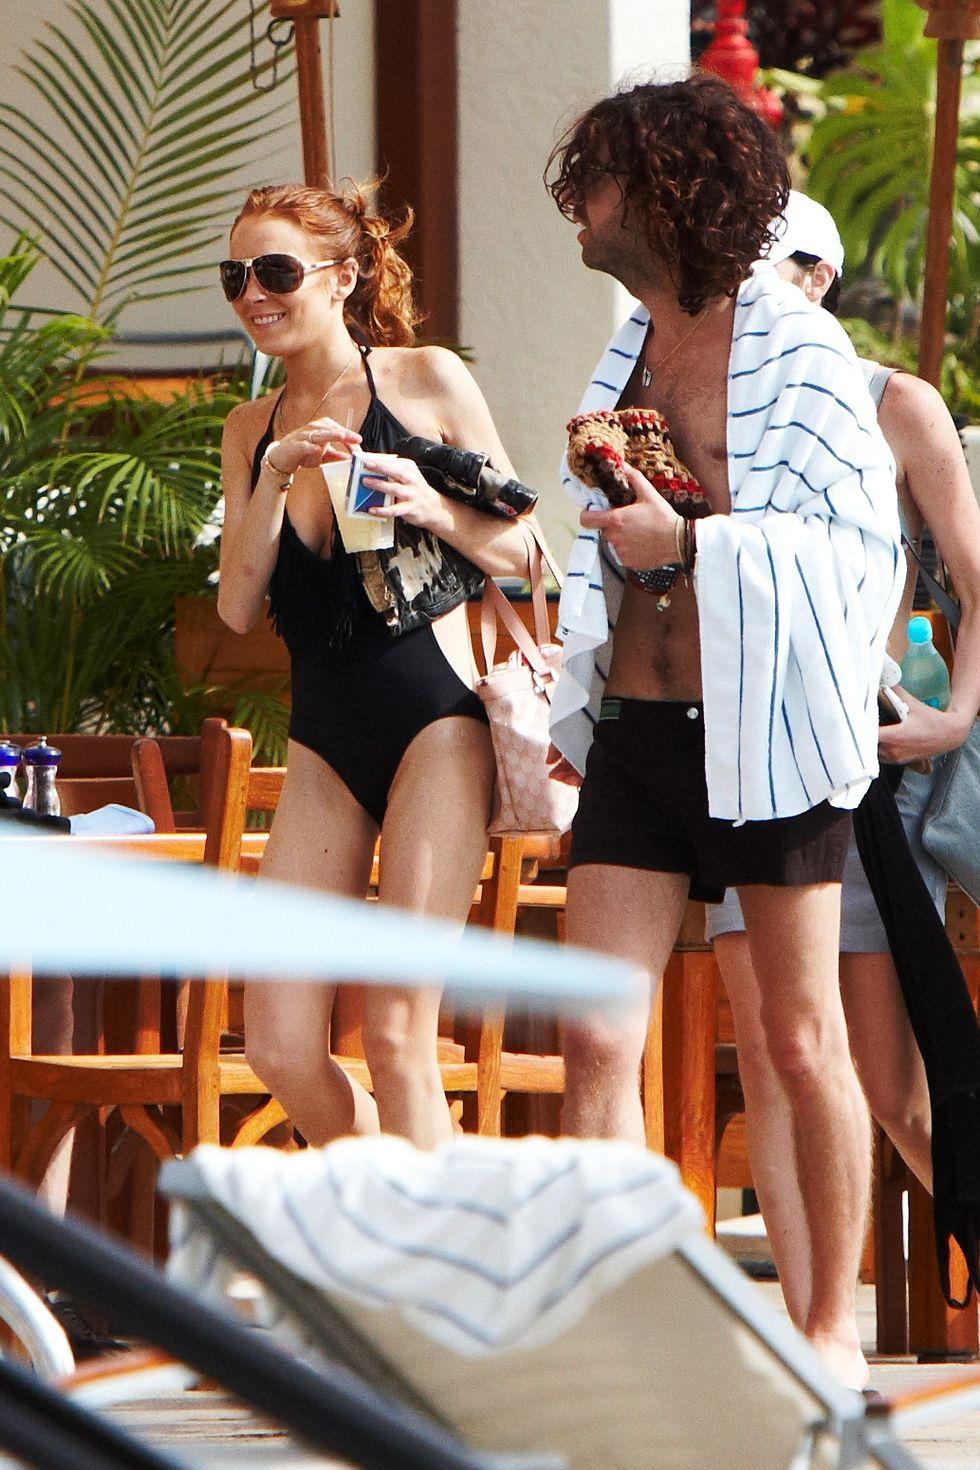 lindsay-lohan-at-the-wailea-beach-marriott-resort-spa-in-hawaii-01